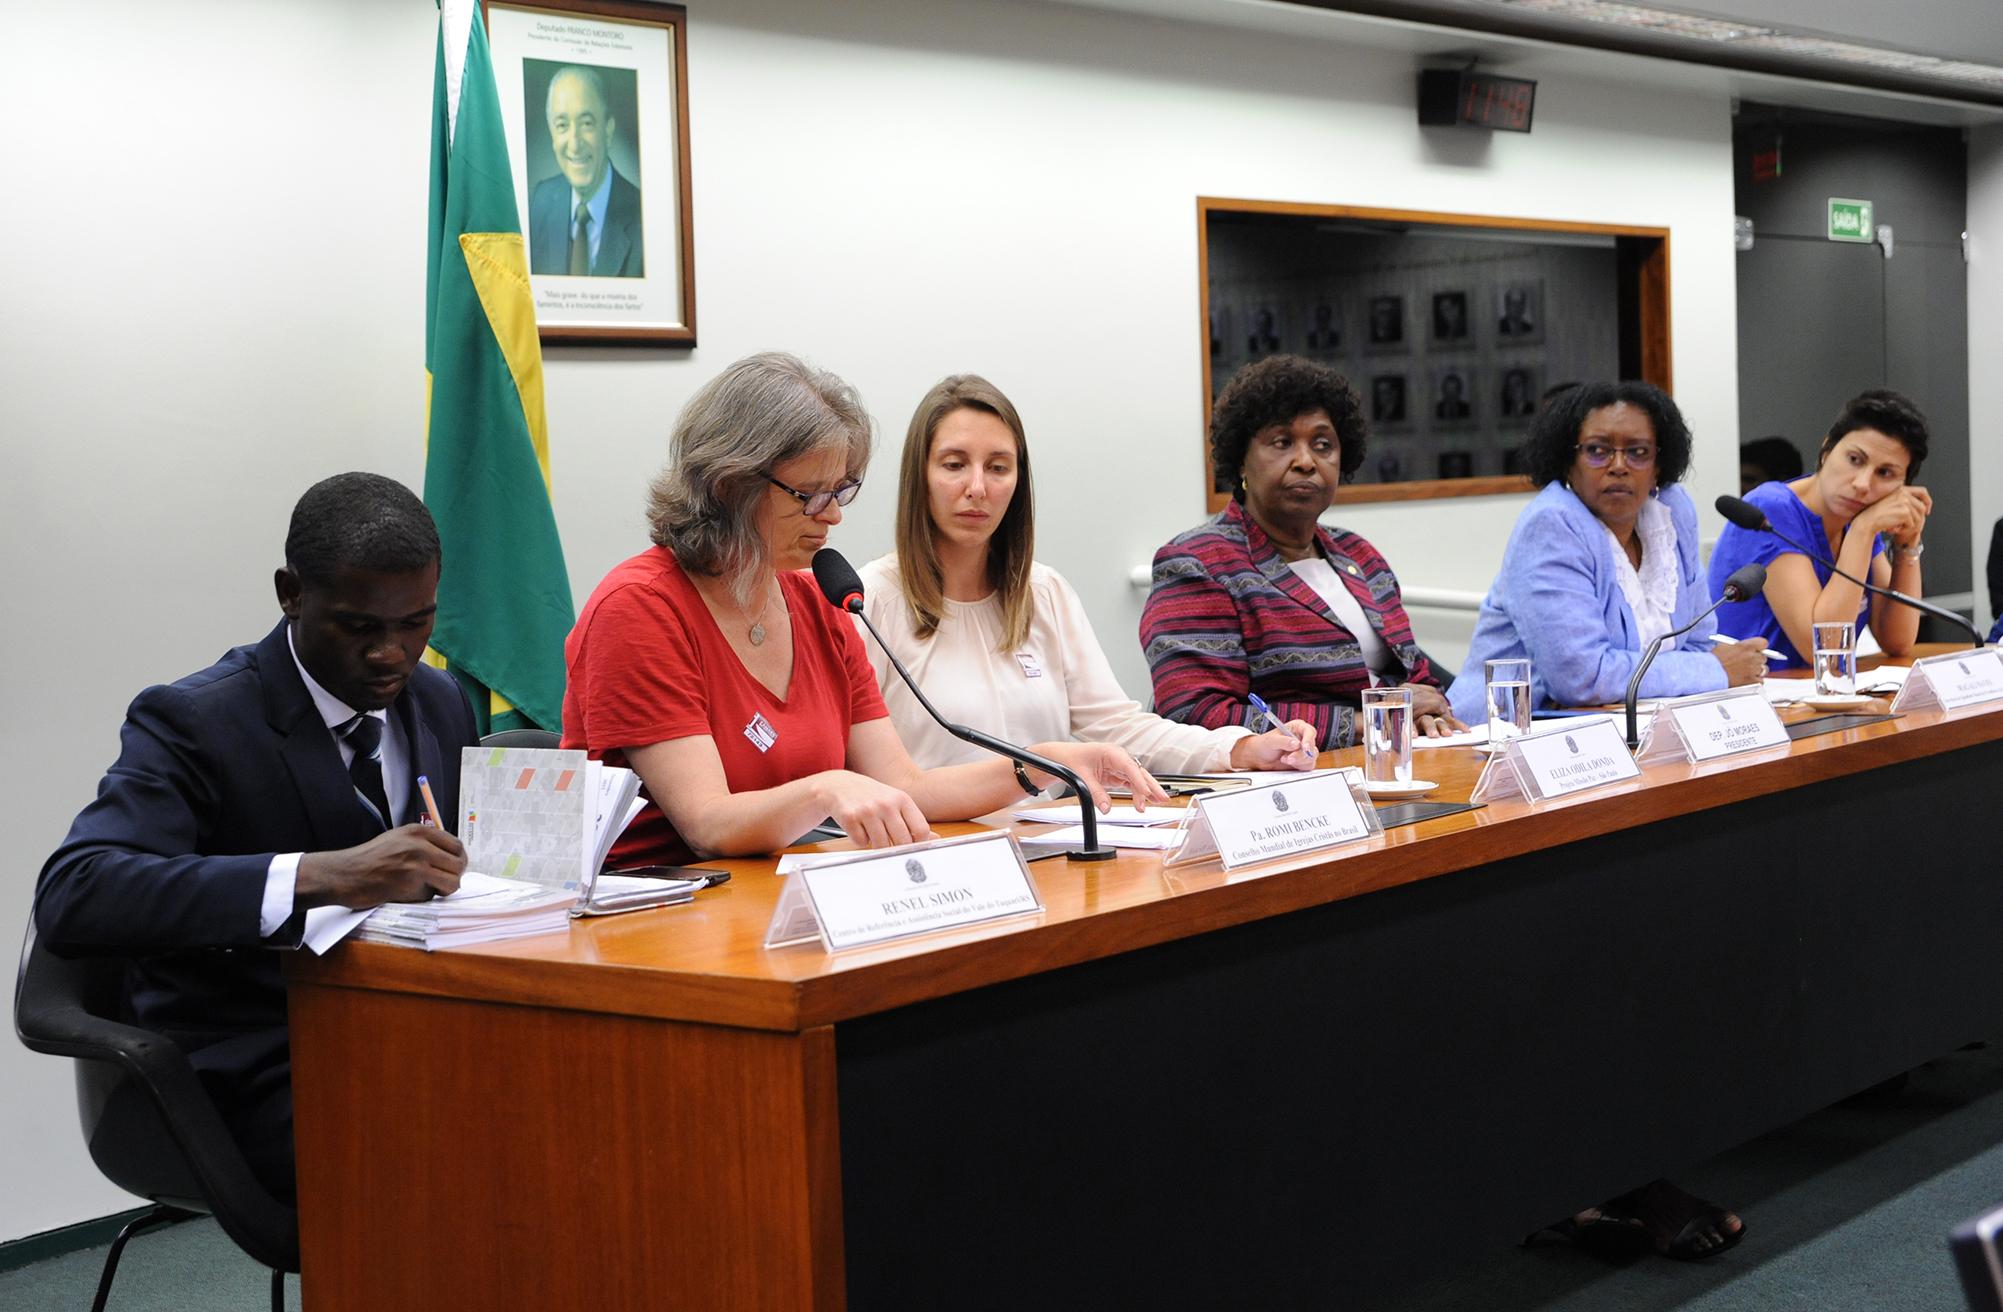 Audiência pública sobre os recentes casos de ataques xenófobos no Brasil, em especial contra os imigrantes haitianos